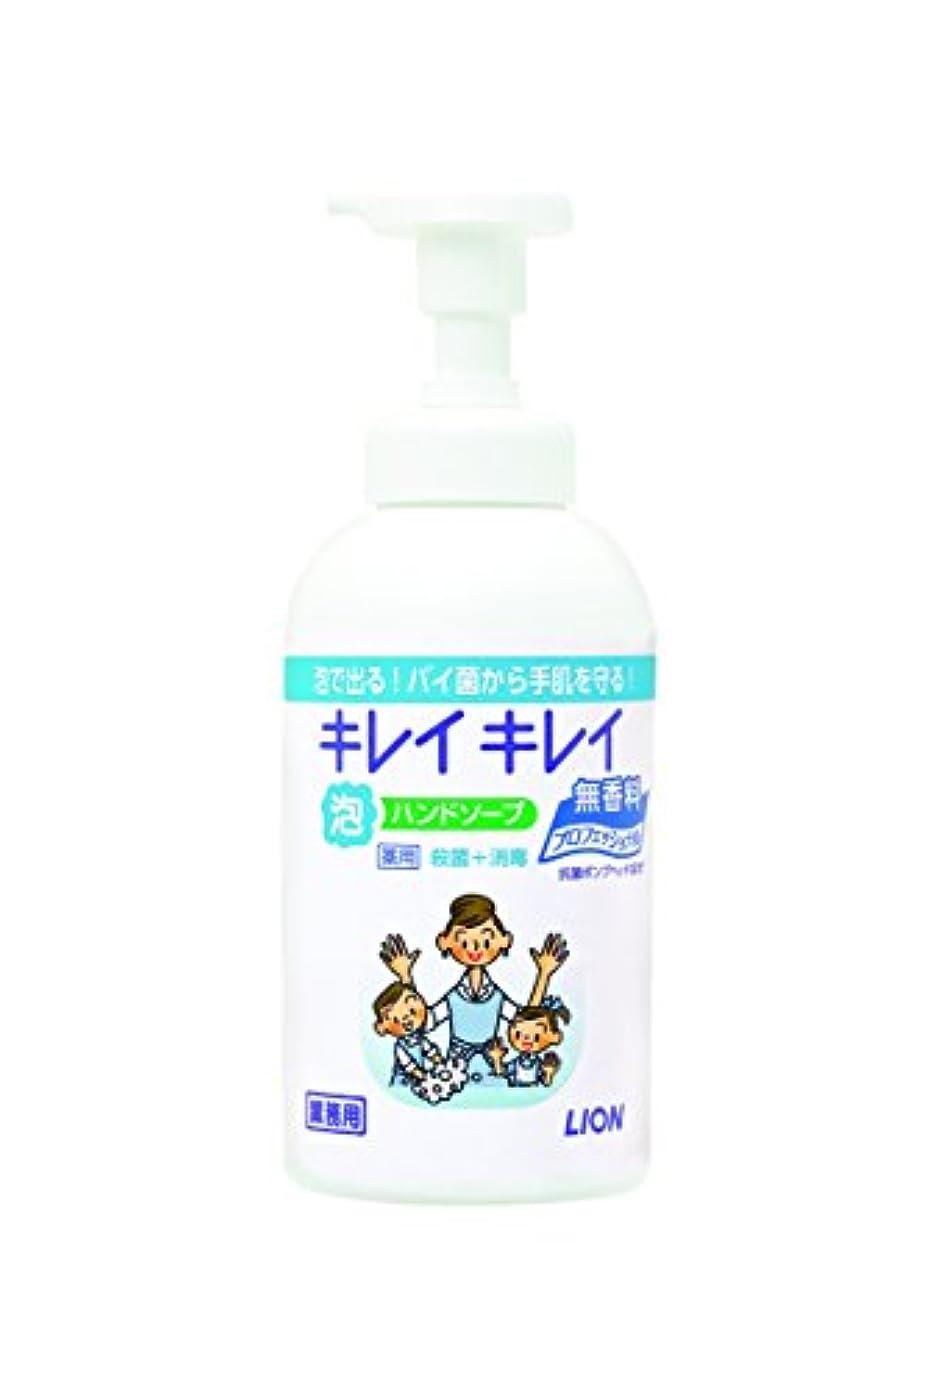 あごひげくしゃみ症候群【大容量】キレイキレイ 薬用泡ハンドソープ プロ無香料550mL